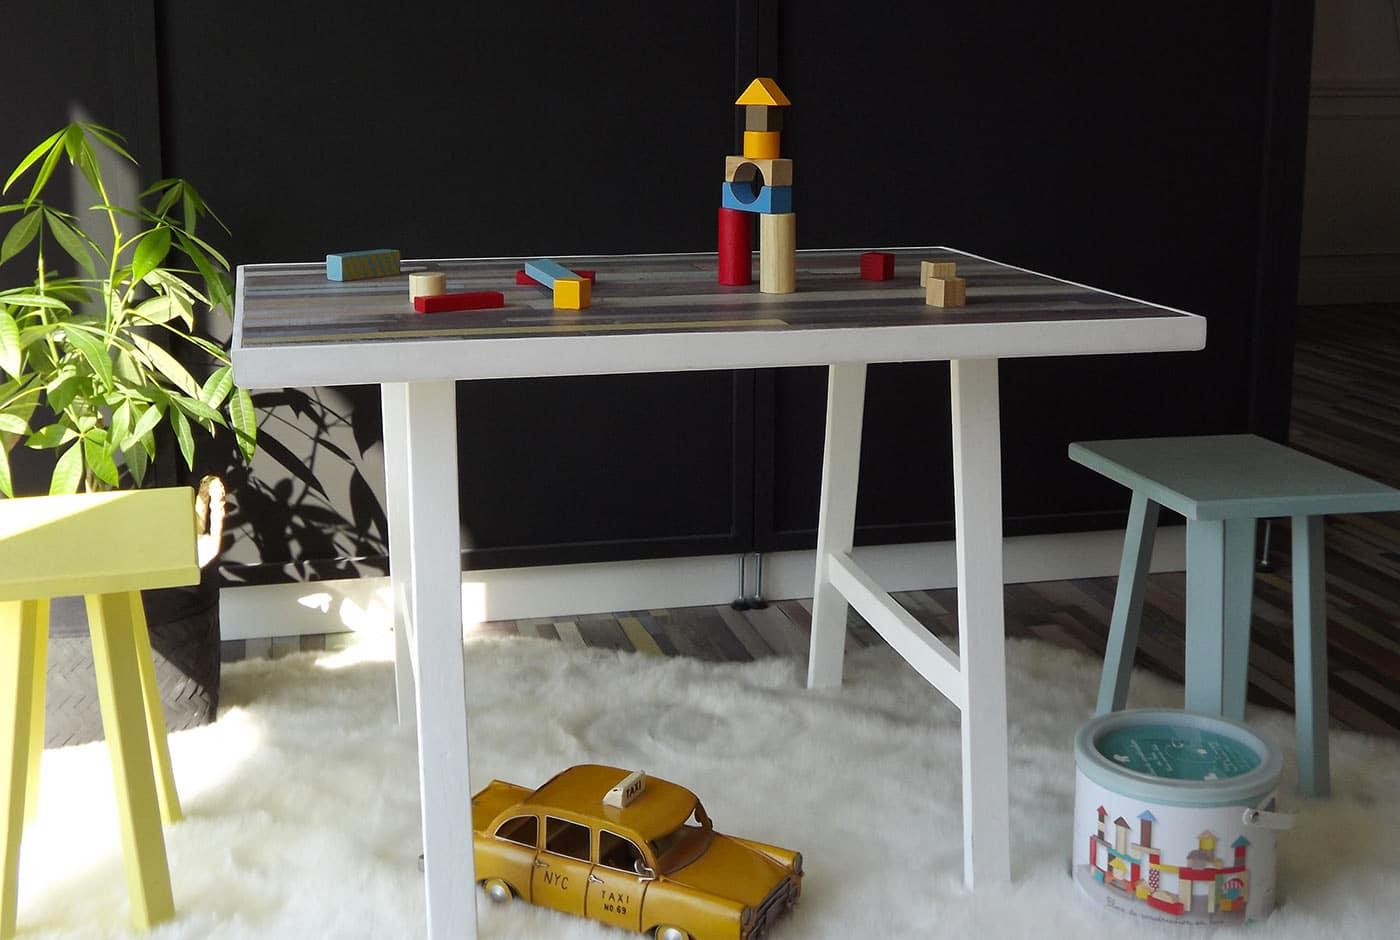 Table enfant avec 2 tabourets jaune et bleu. Cette table dispose d